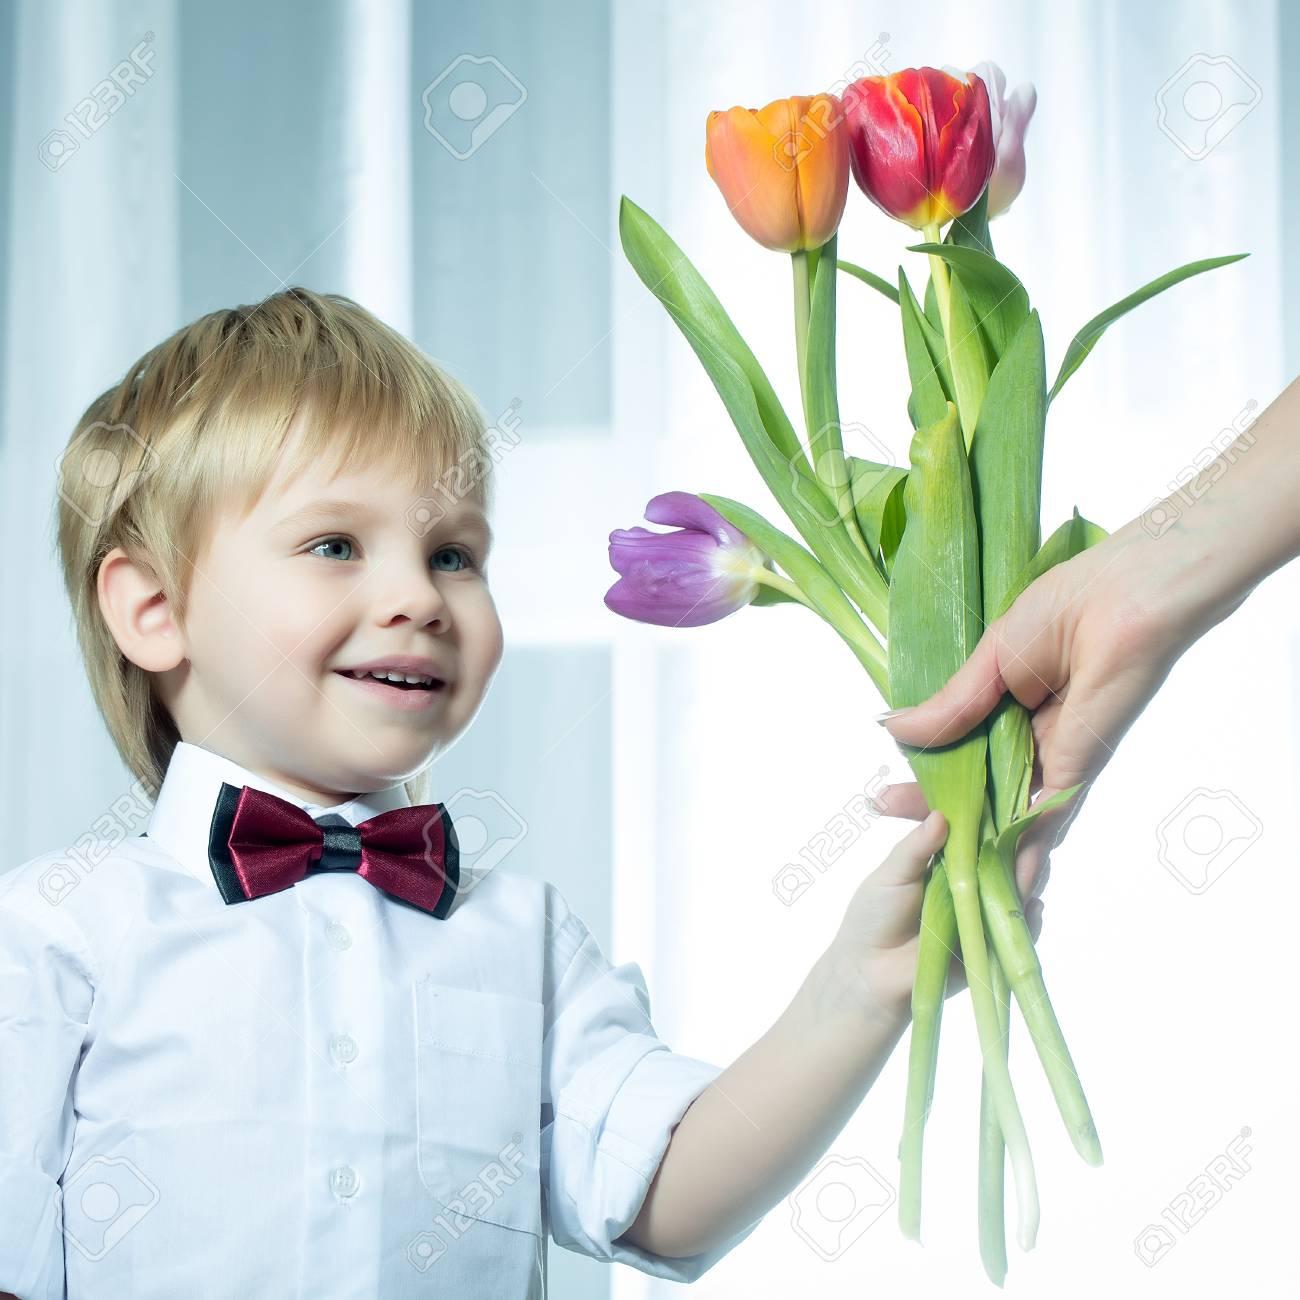 b16ffe4a3 Sonriente Feliz Pequeño Caballero Lindo Chico Con El Pelo Rubio En La Camisa  Blanca Y Pajarita Que Da Hermoso Ramo Fresca Primavera De Tulipanes De  Colores ...